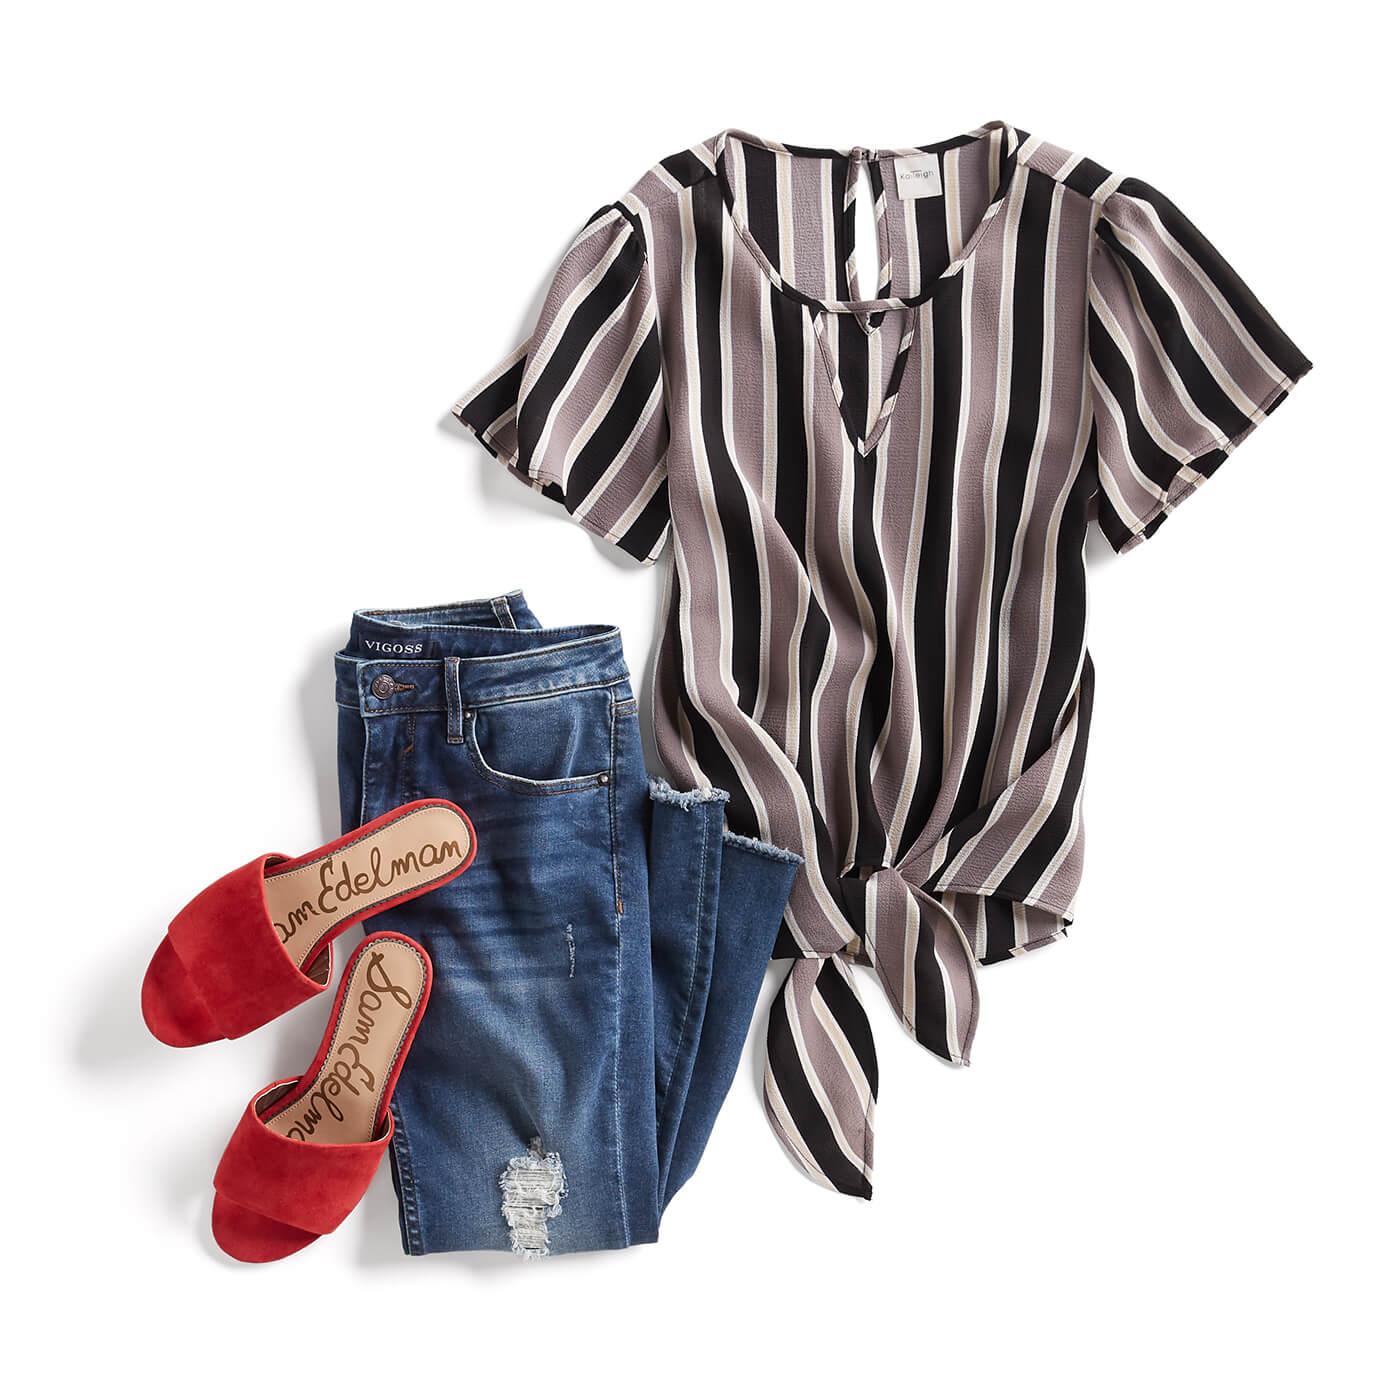 3c777c86ecbea How to Dress a Short Torso   Long Legs